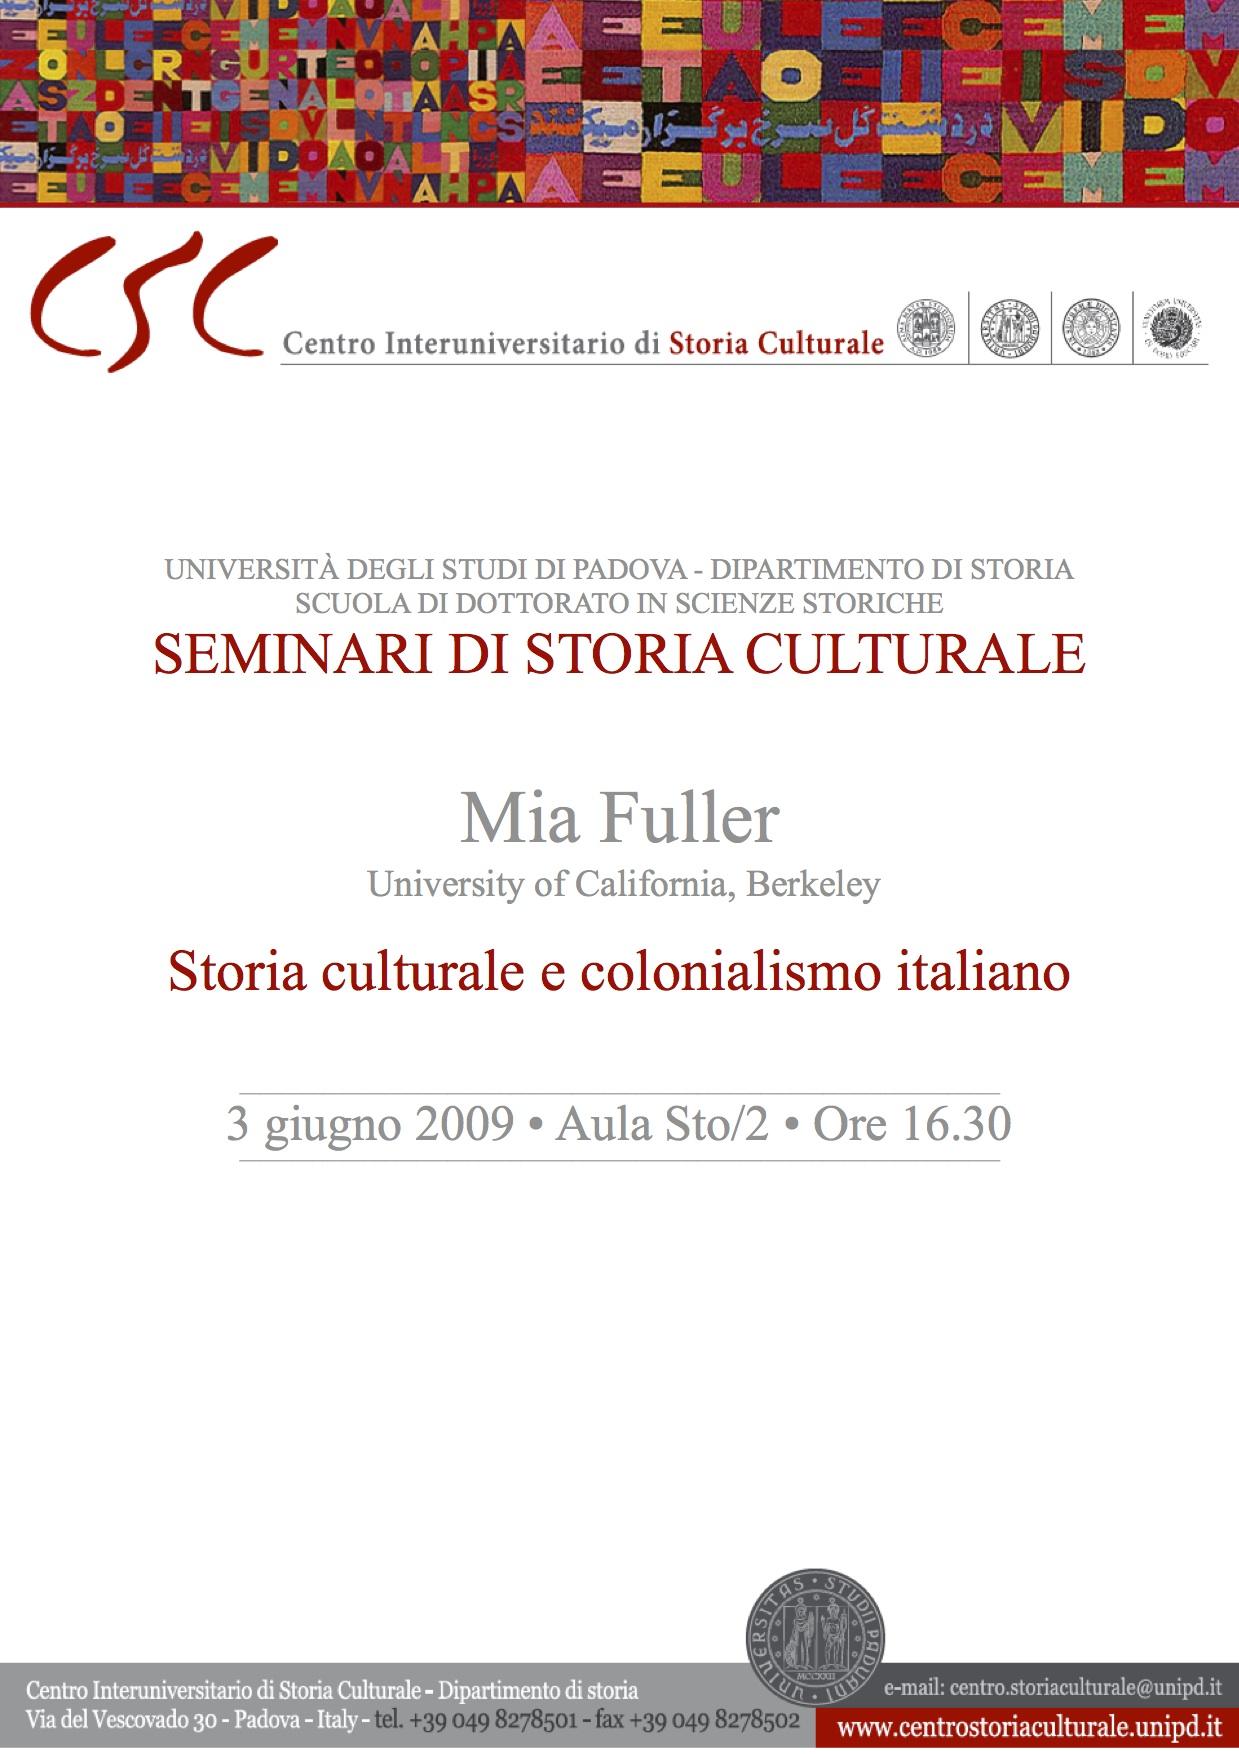 2009-06 (PD) Storia culturale e colonialismo italiano.jpg